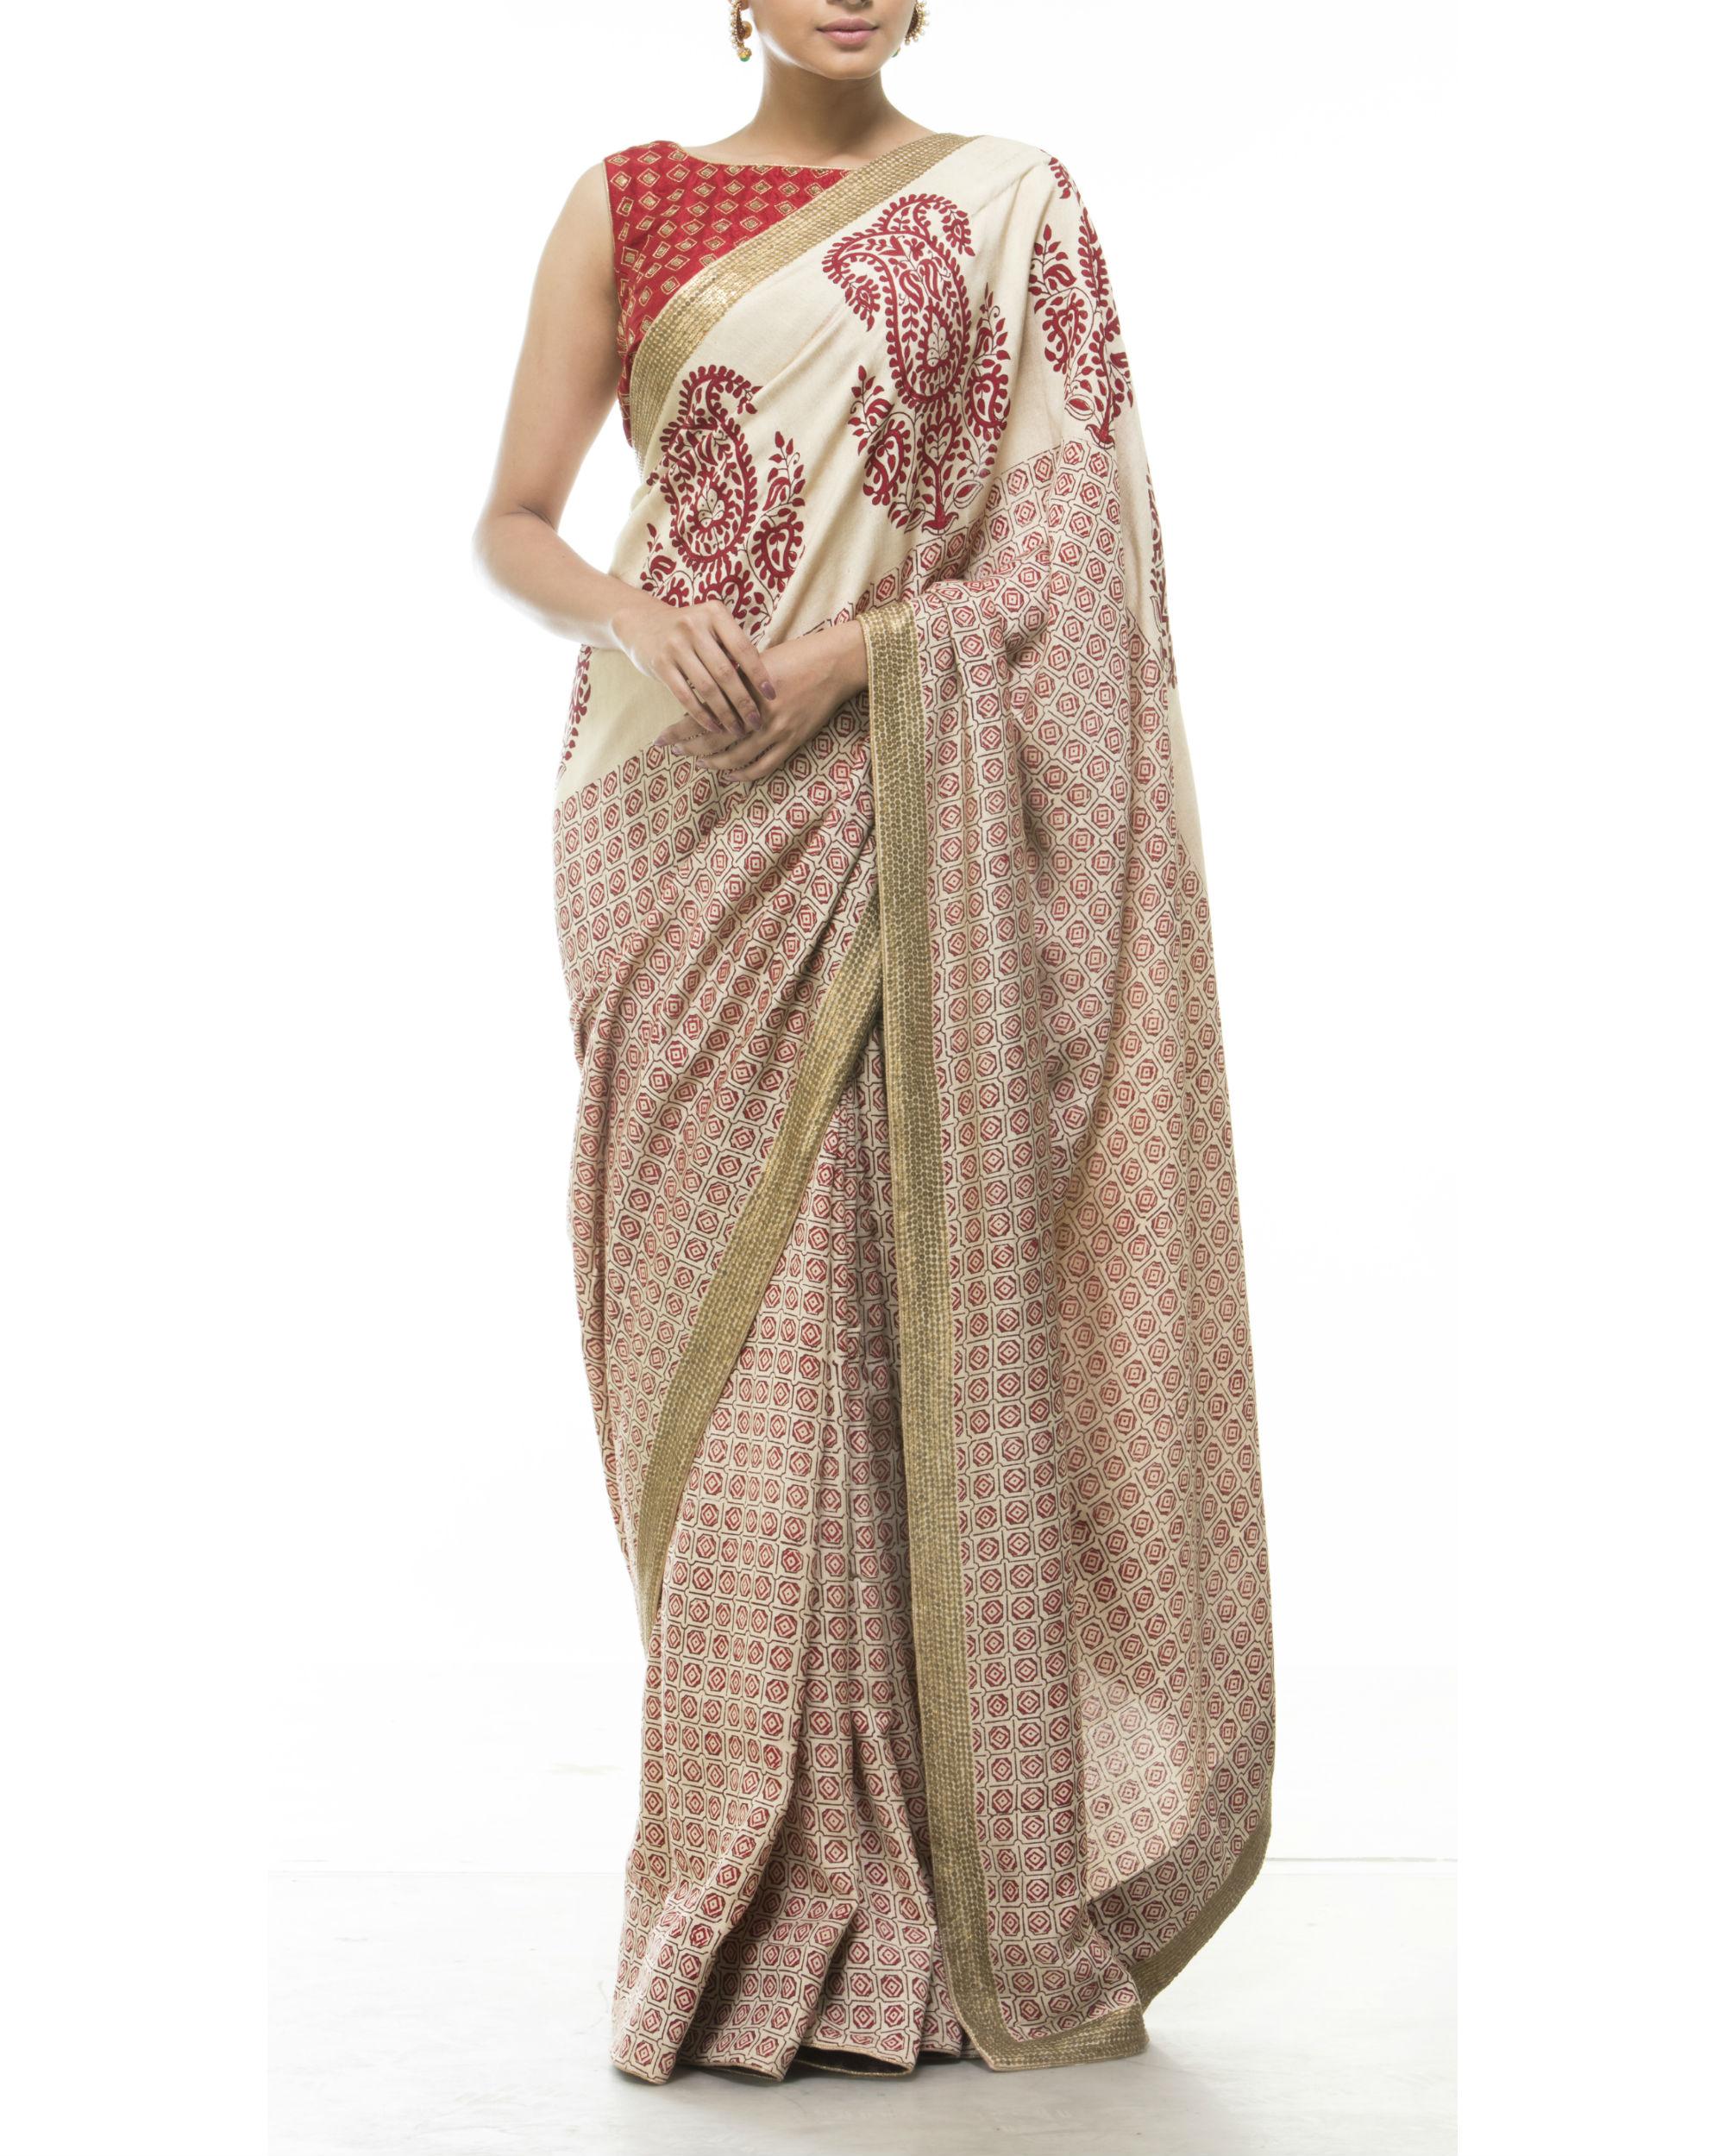 Red and beige printed sari